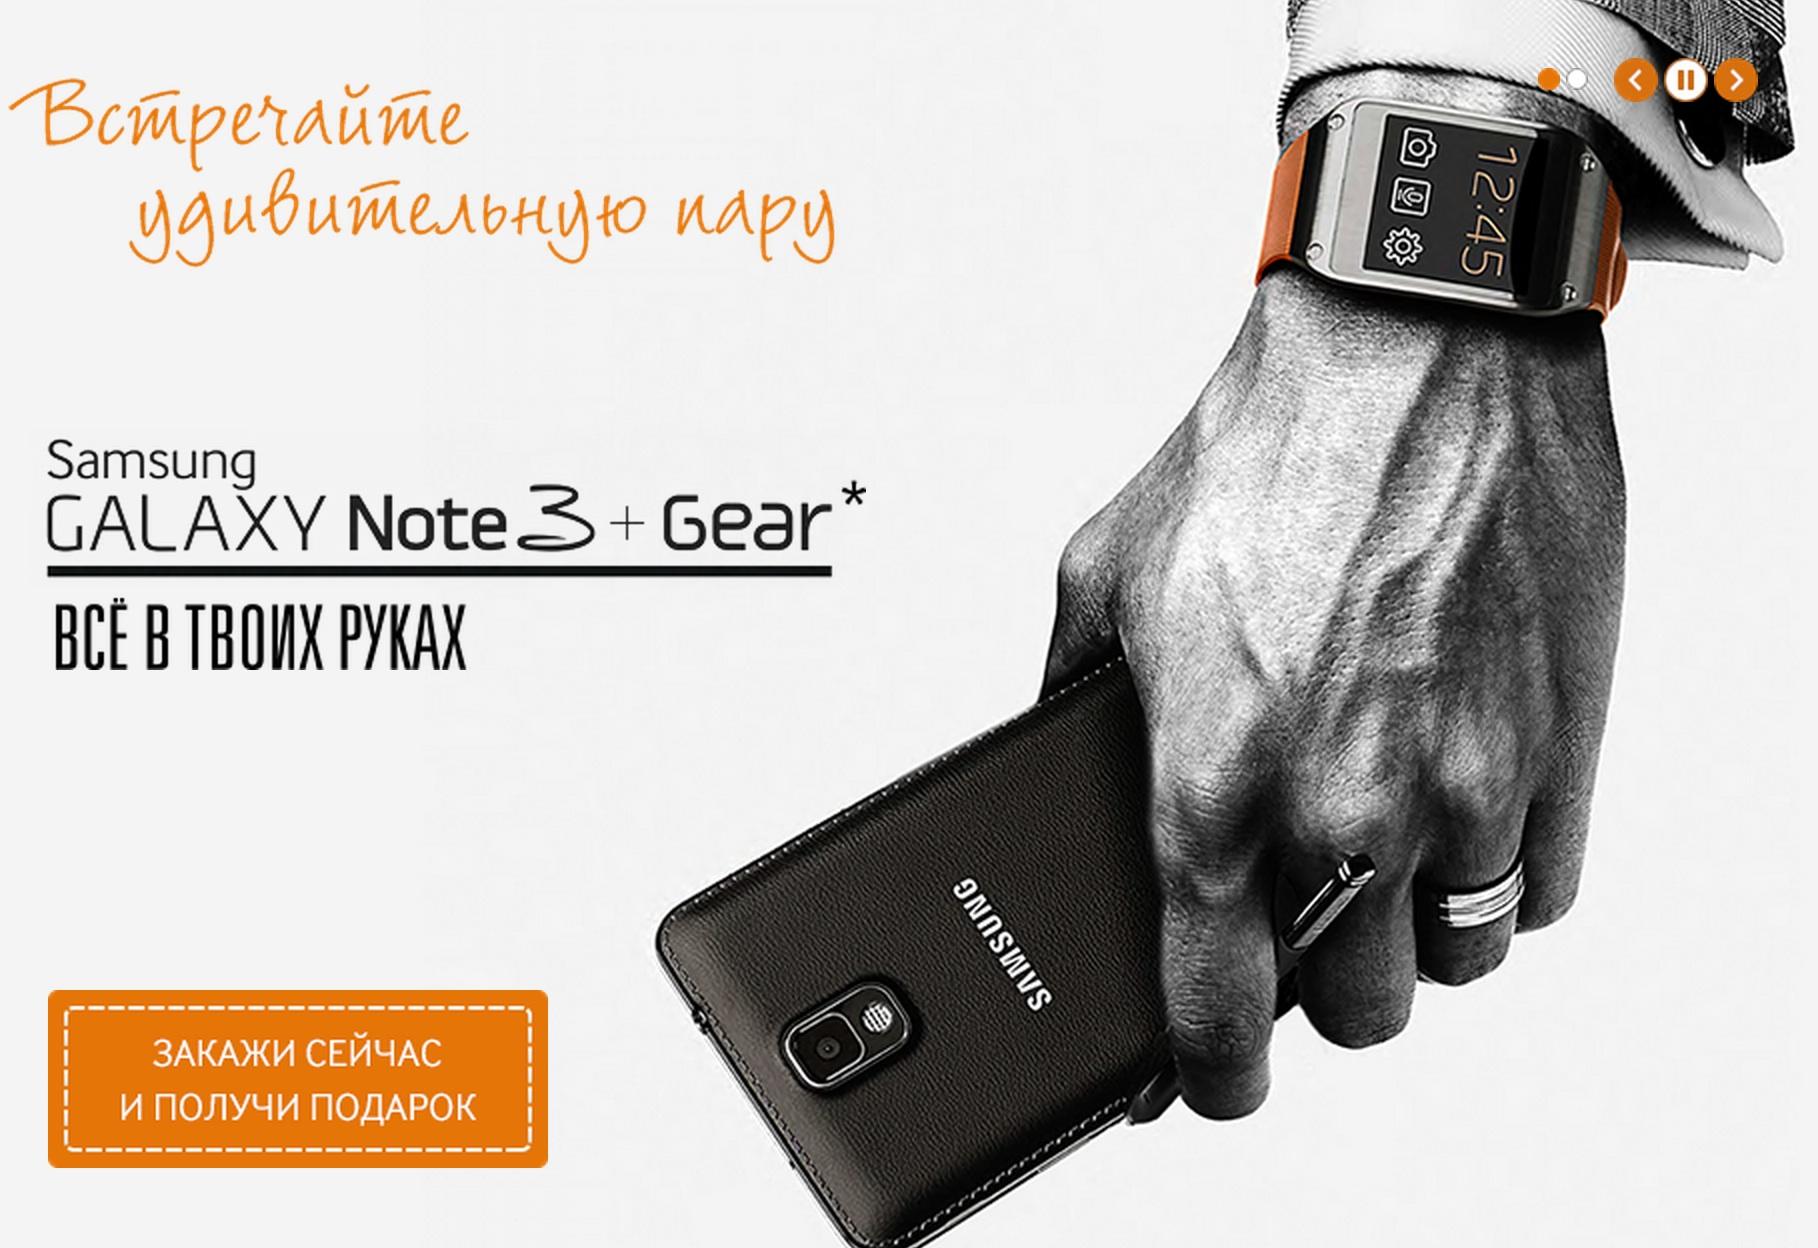 предварительный заказ на Samsung Galaxy Note 3 в России